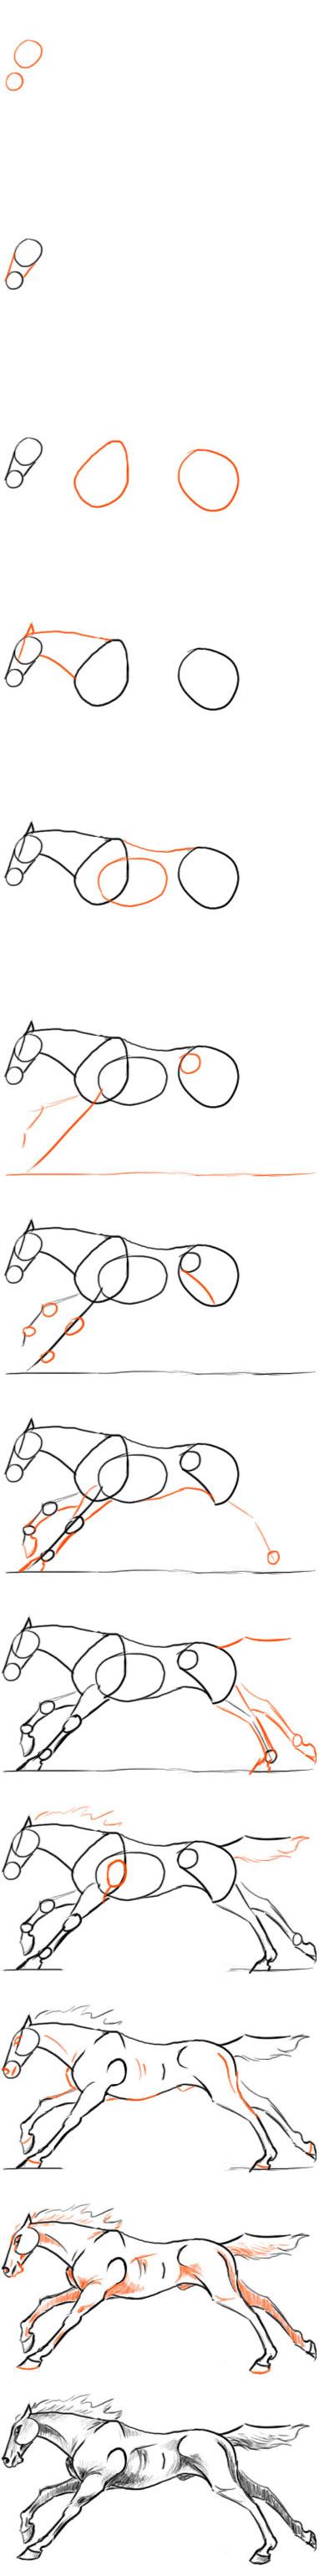 Galloping Horse Tutorial by AdmYrrek